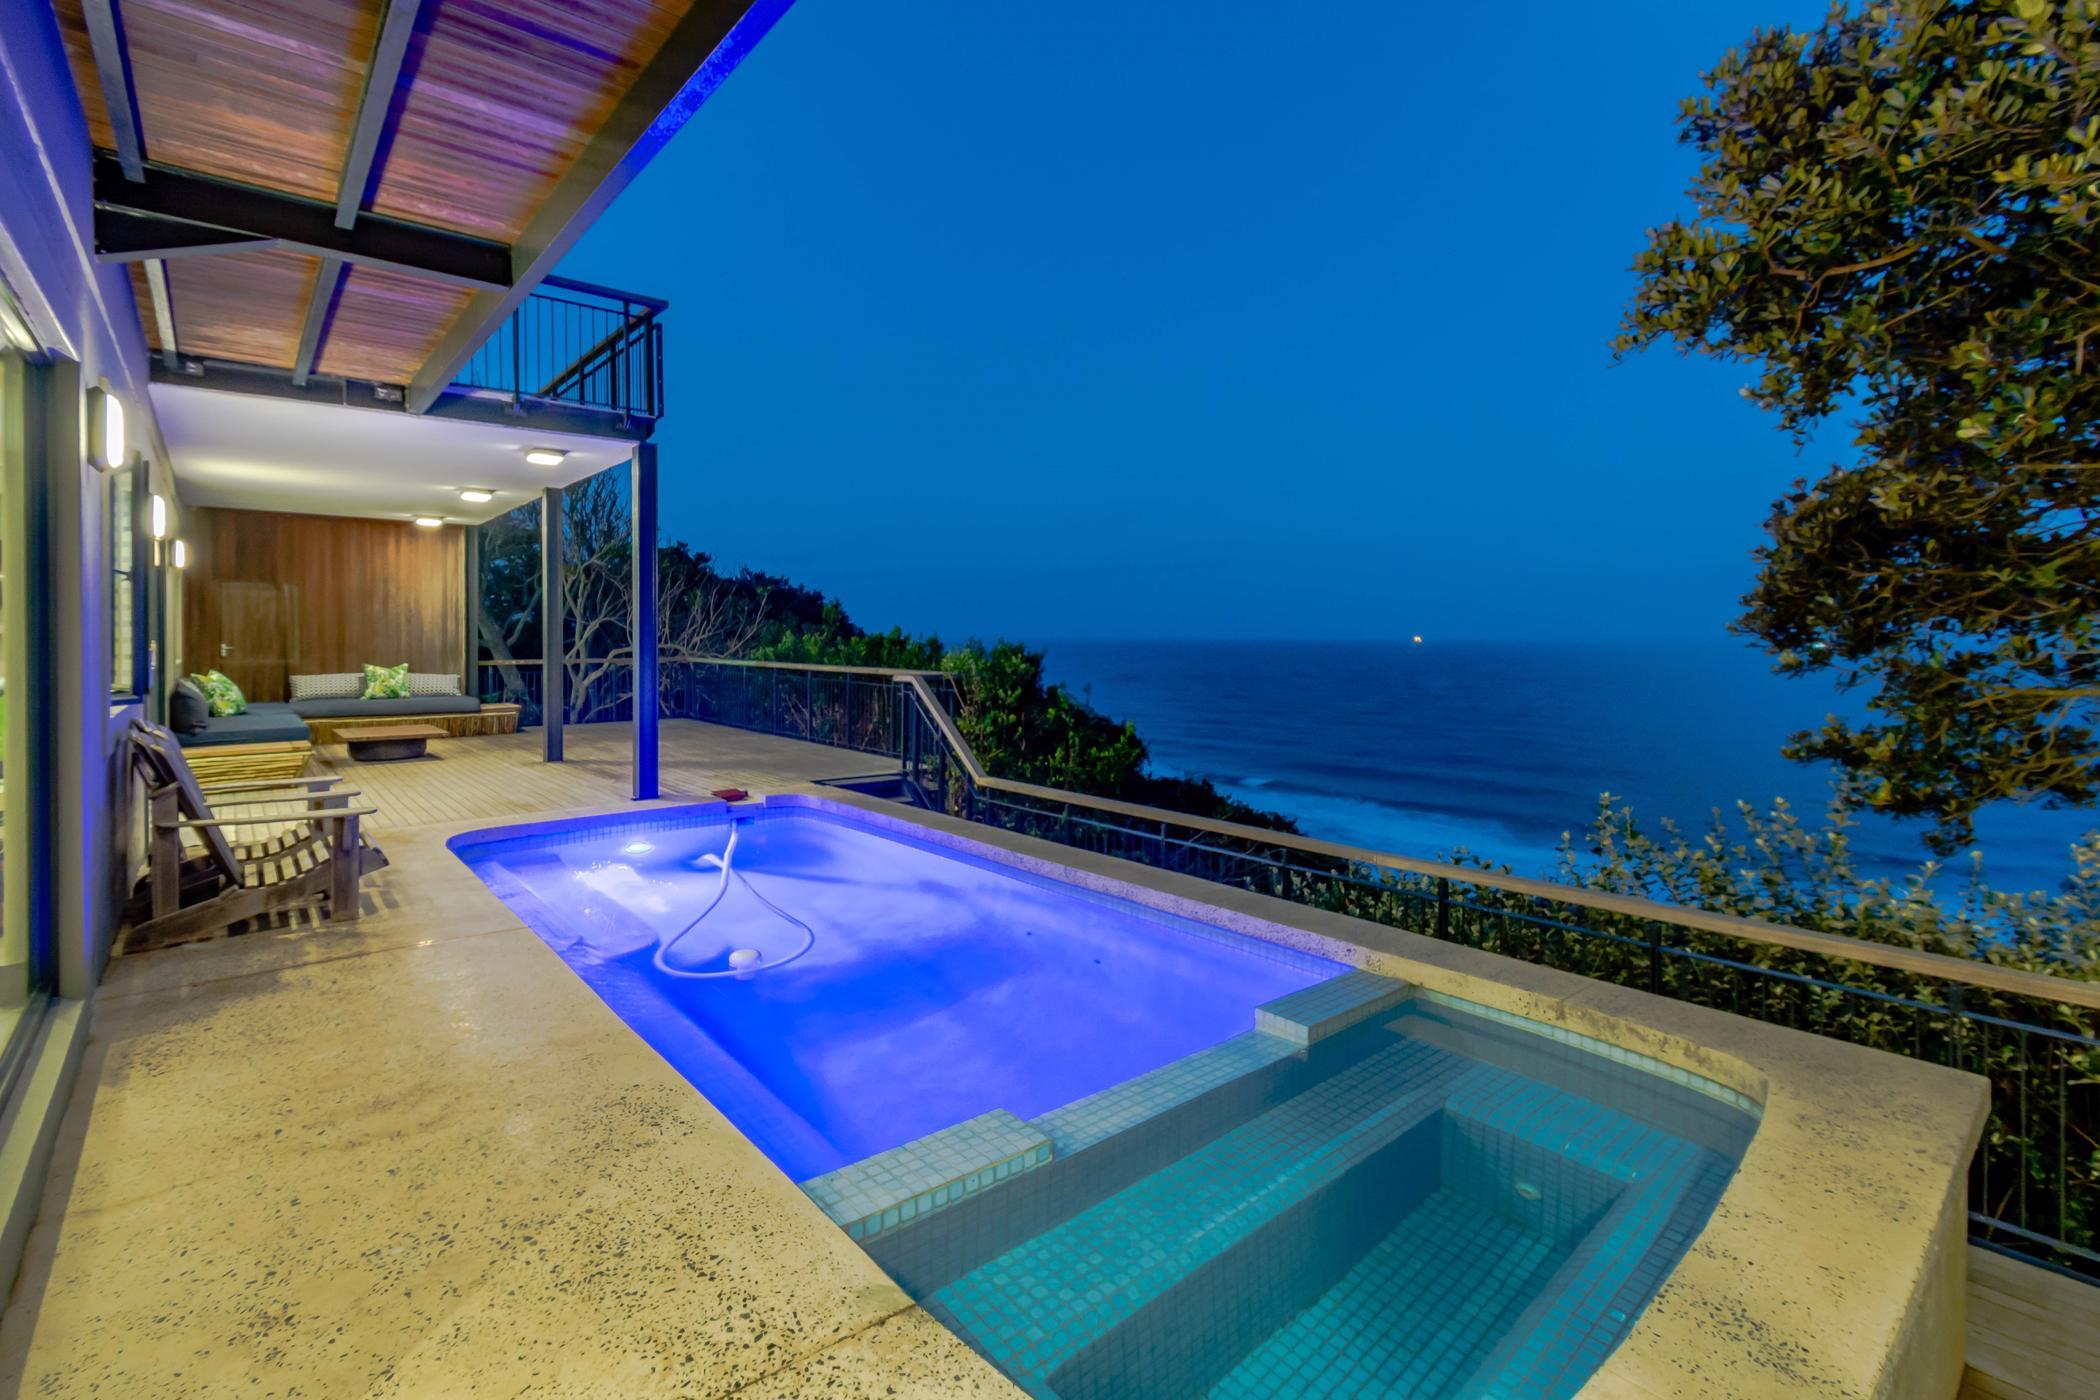 4 bedroom house for sale in Umdloti Beach